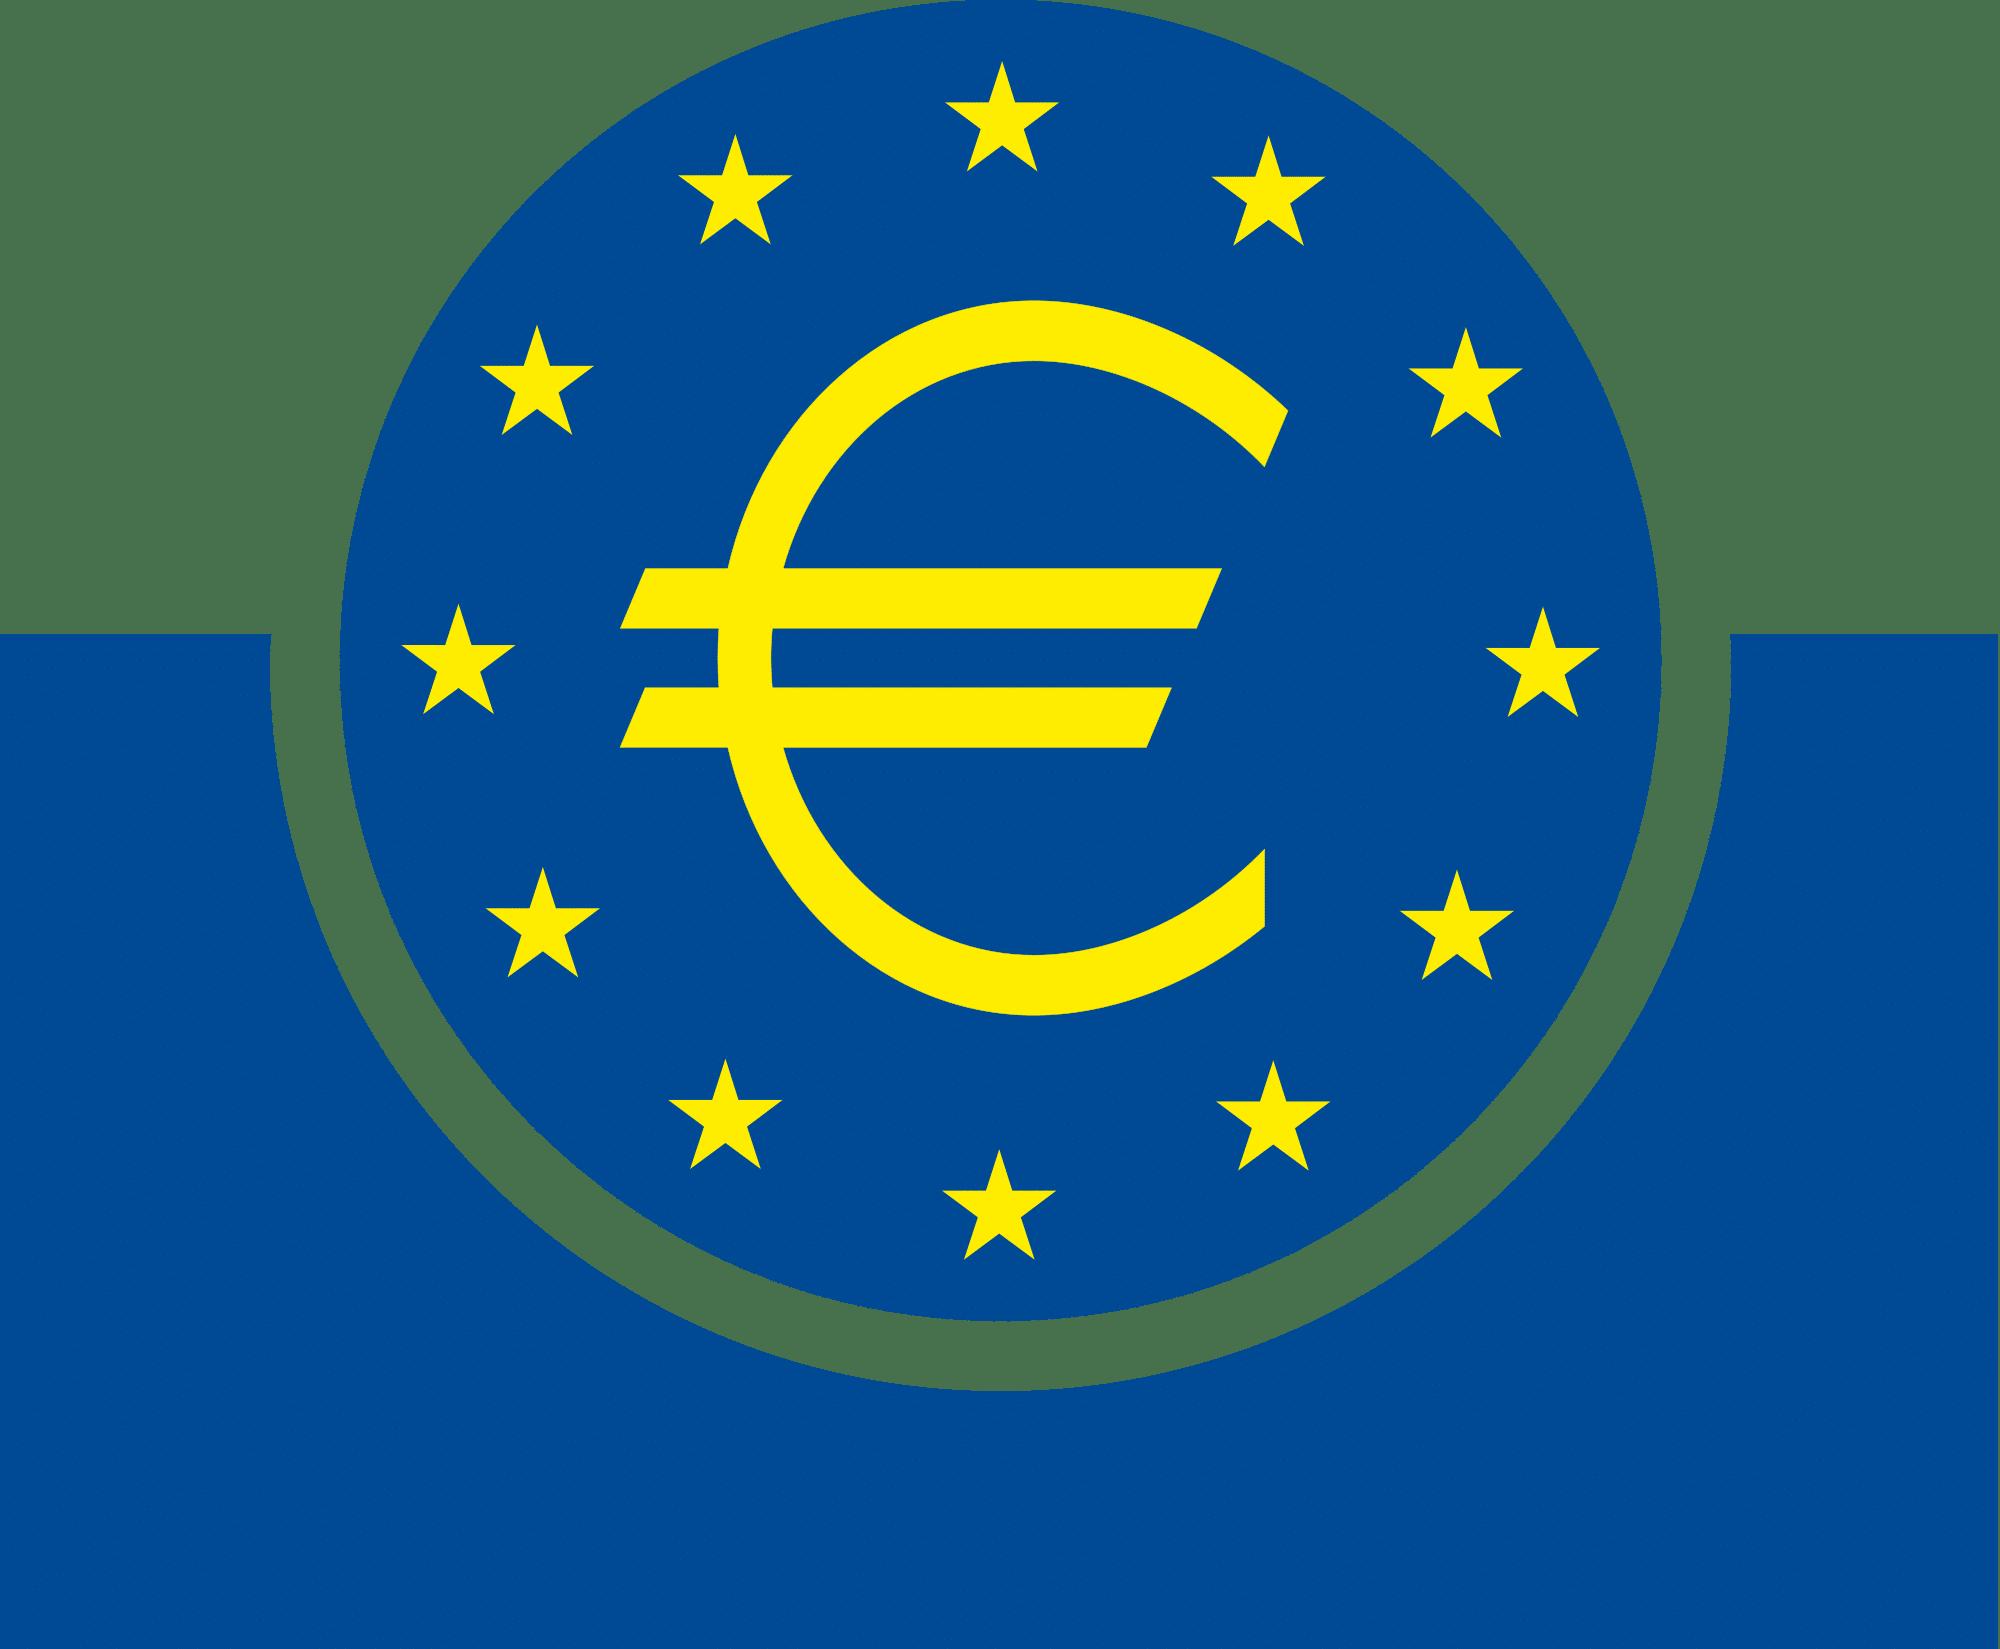 Logo_European_Central_Bank